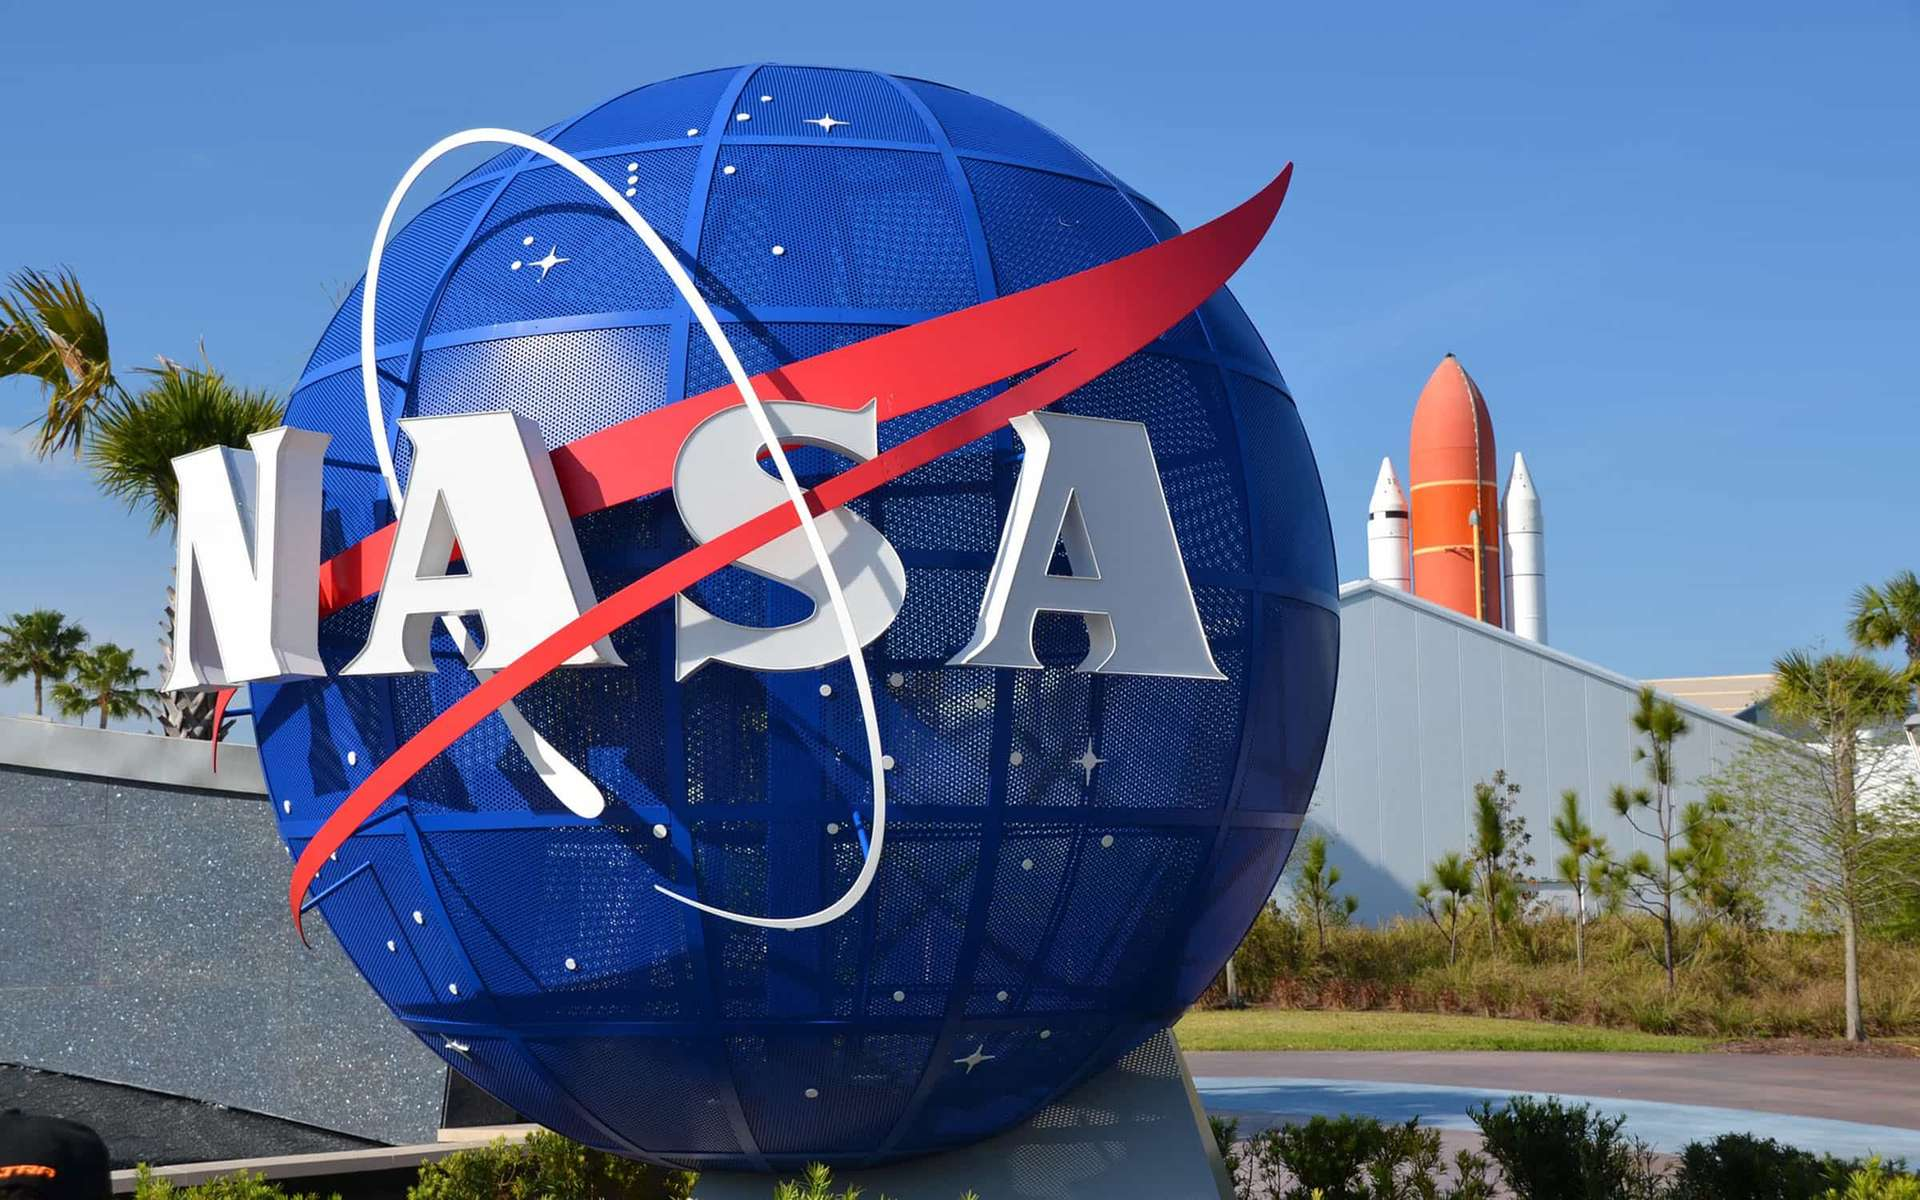 La Nasa est l'Agence spatiale américaine. © PxHere